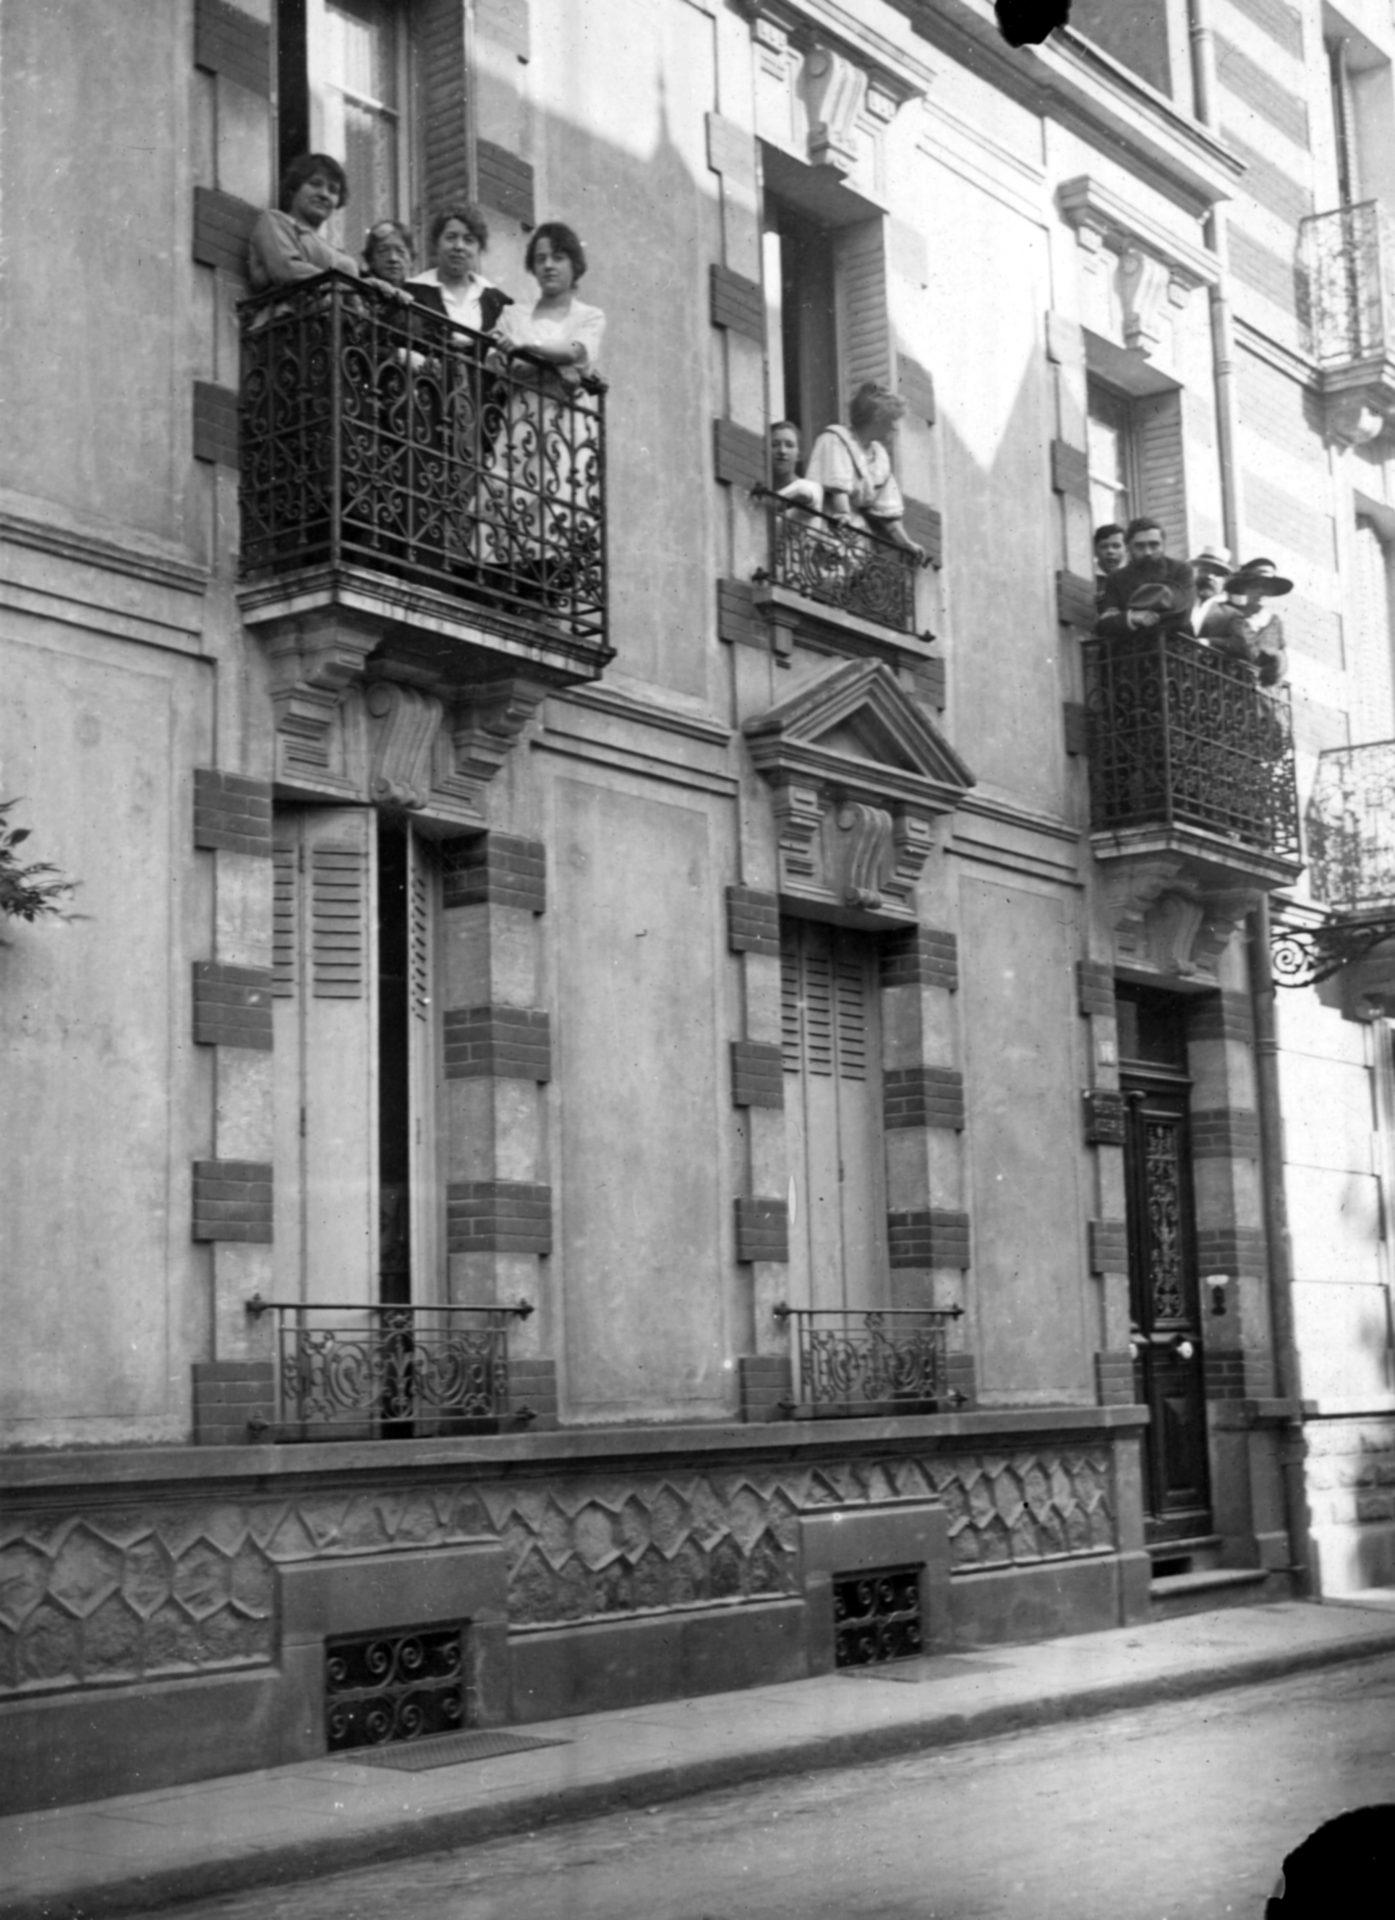 Groupe de personnes à un balcon, en compagnie d'Alexandre Varenne sur le balcon de droite.